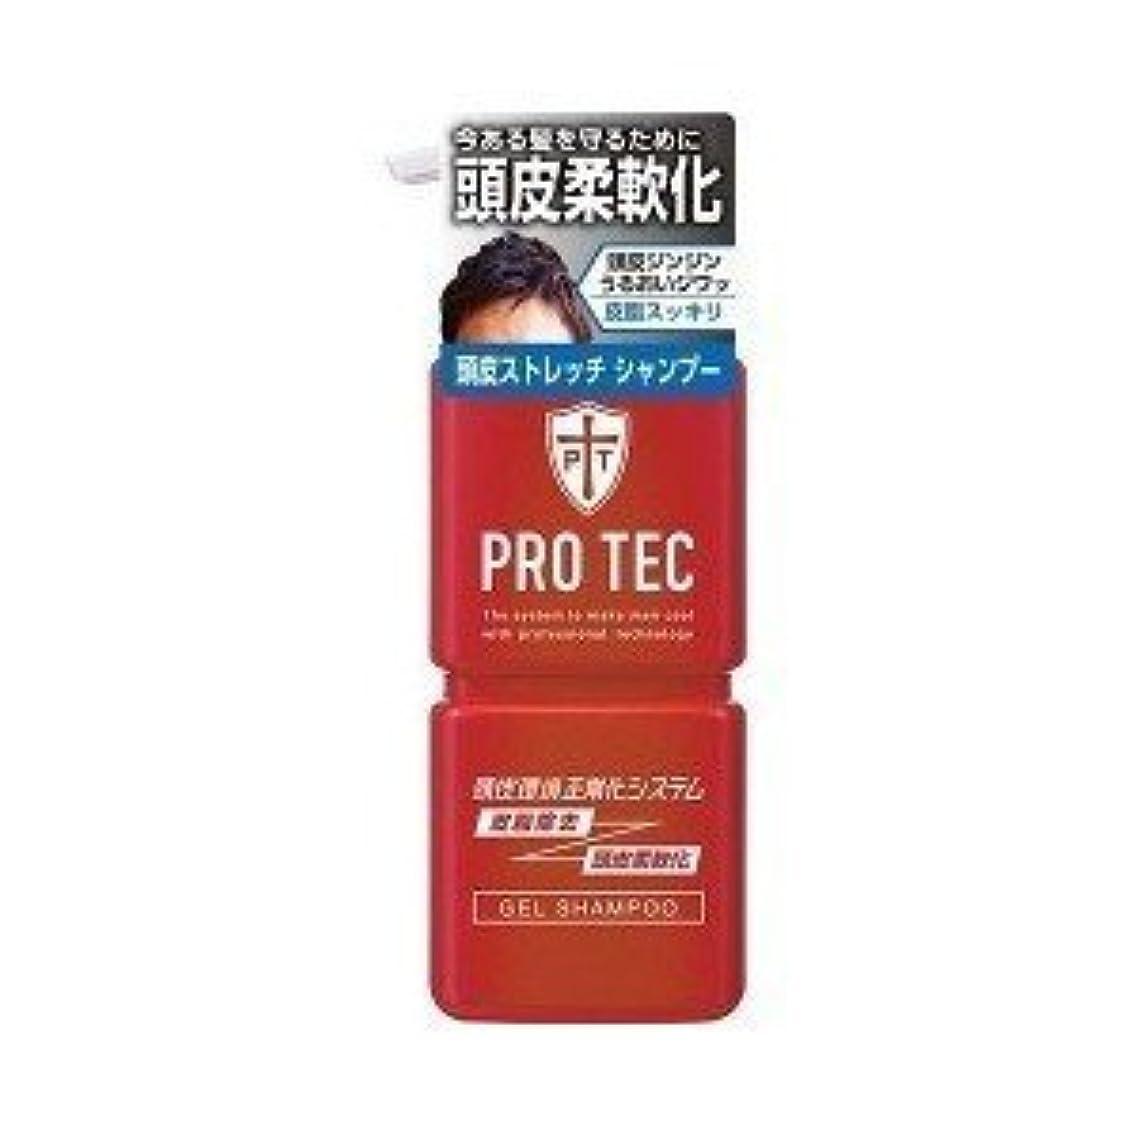 防水騒乱口頭(ライオン)PRO TEC(プロテク) 頭皮ストレッチ シャンプー ポンプ 300g(医薬部外品)